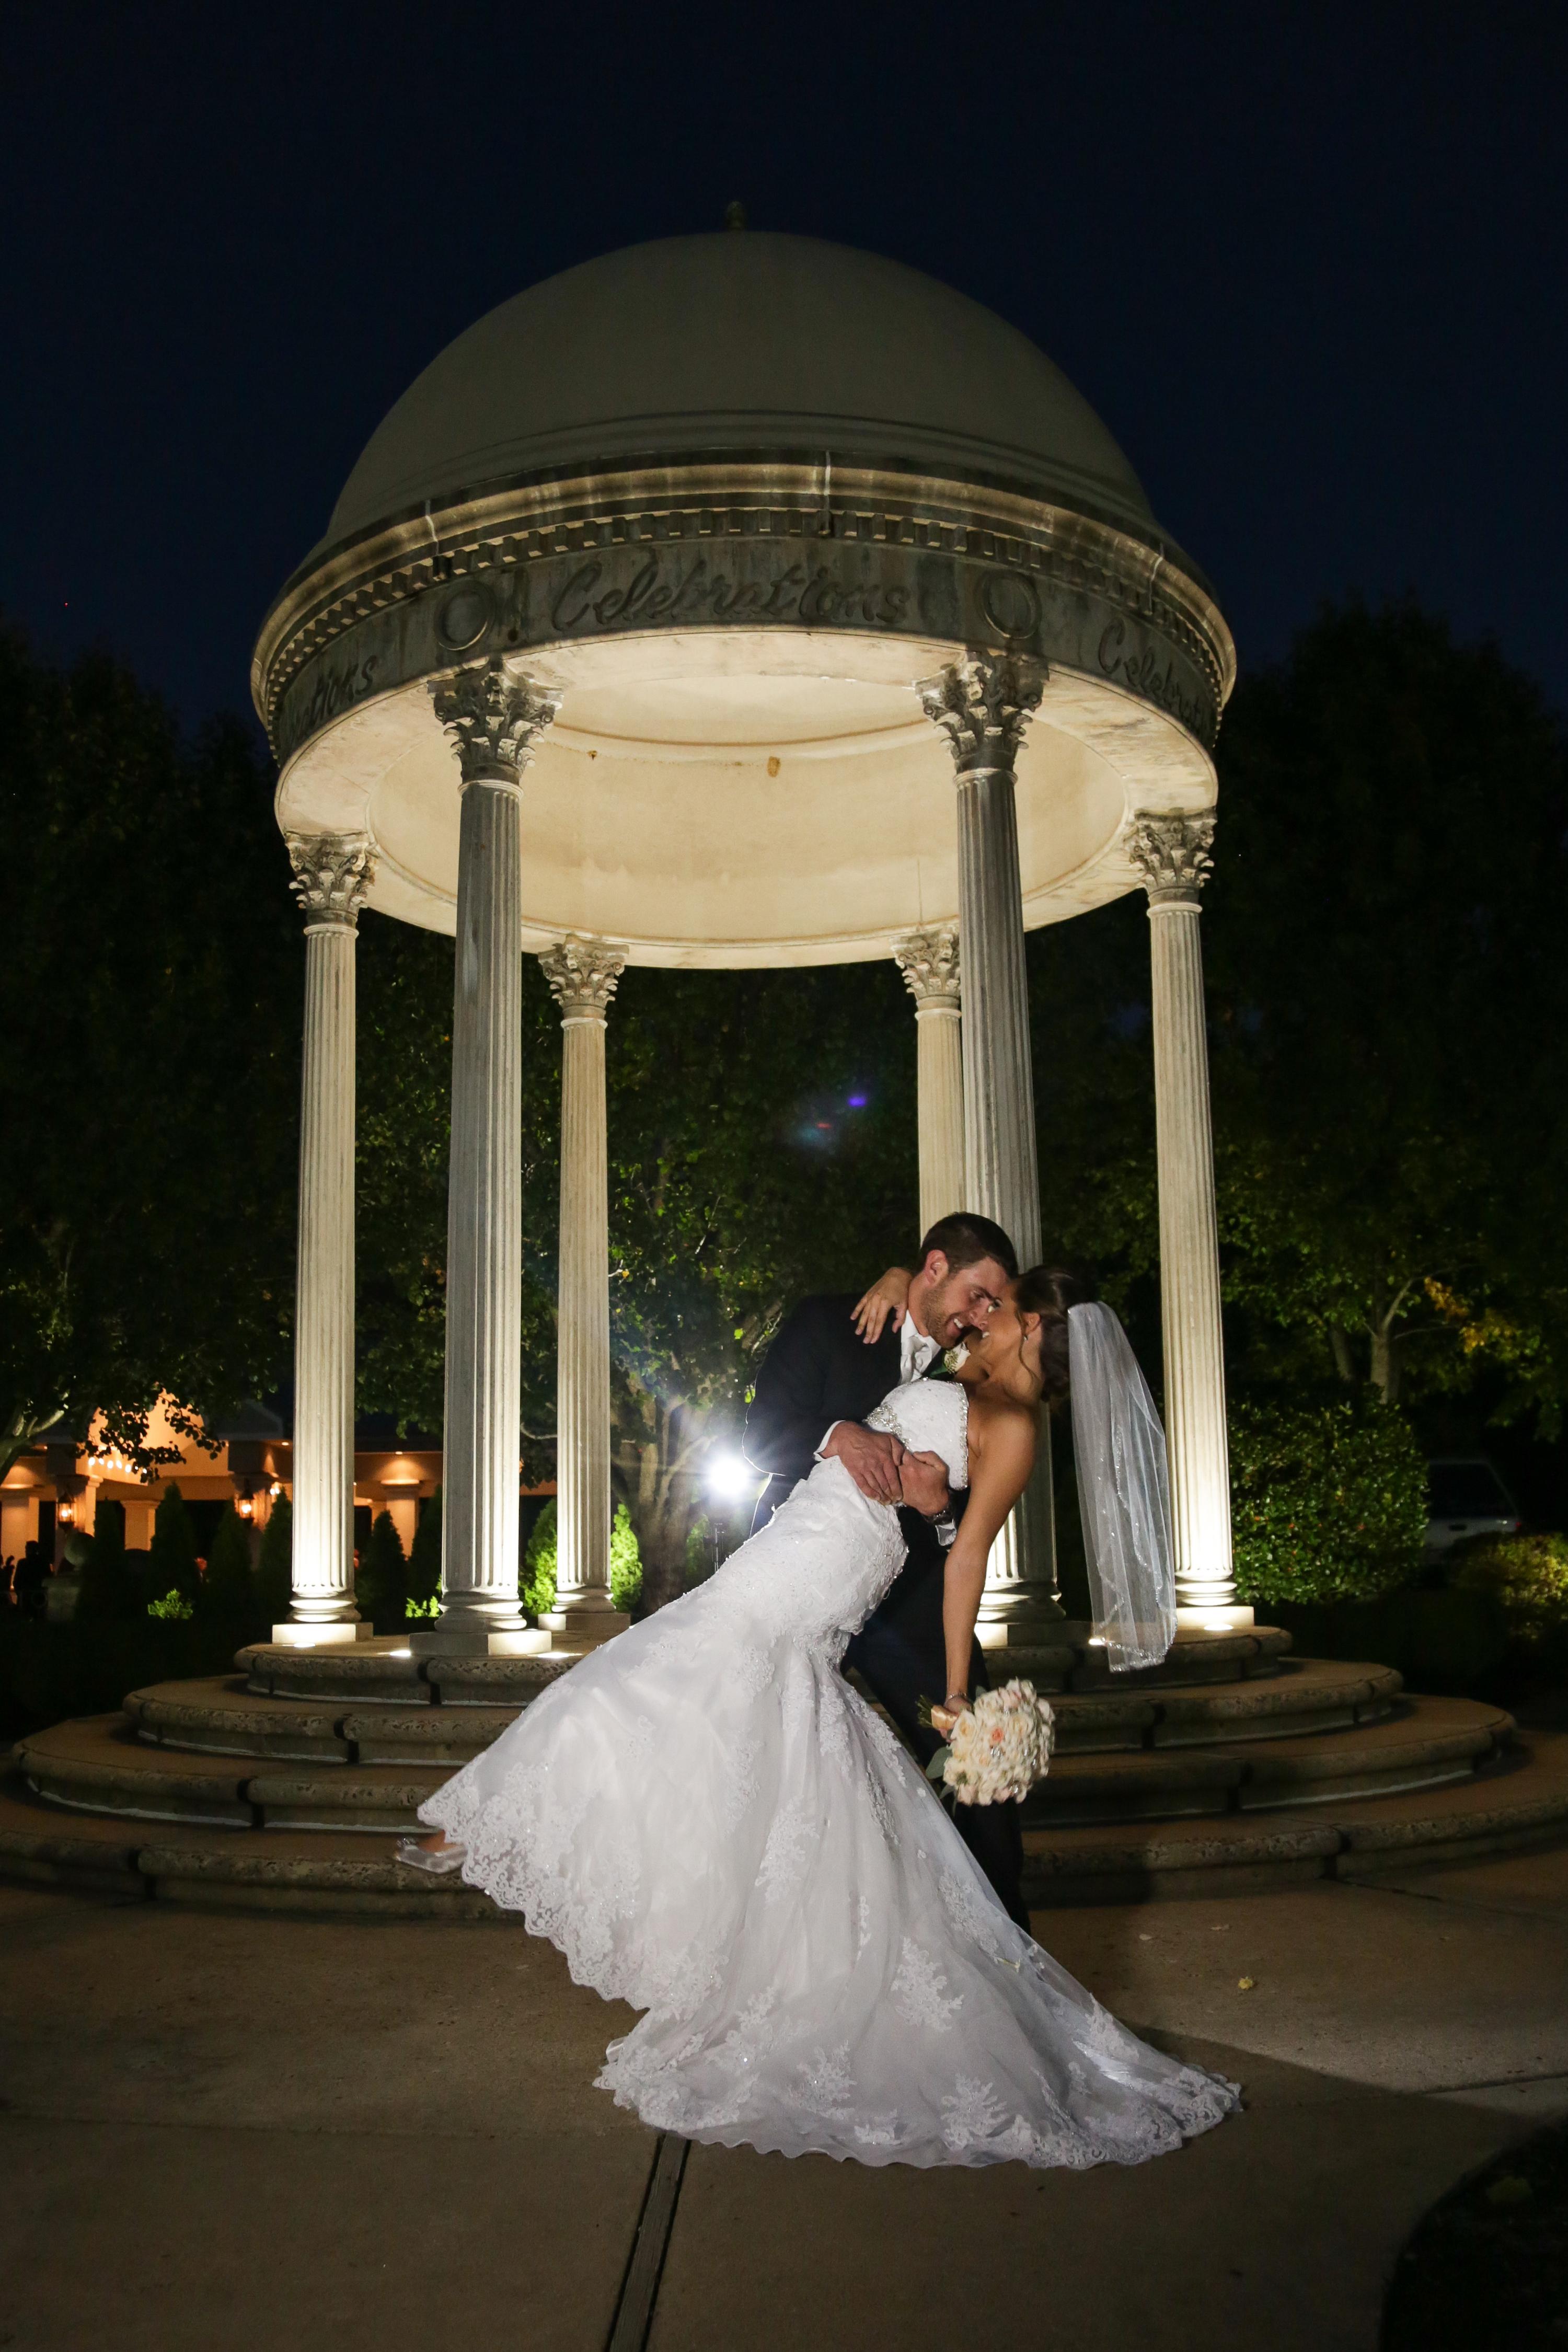 Cory & Zack | Wedding Photography